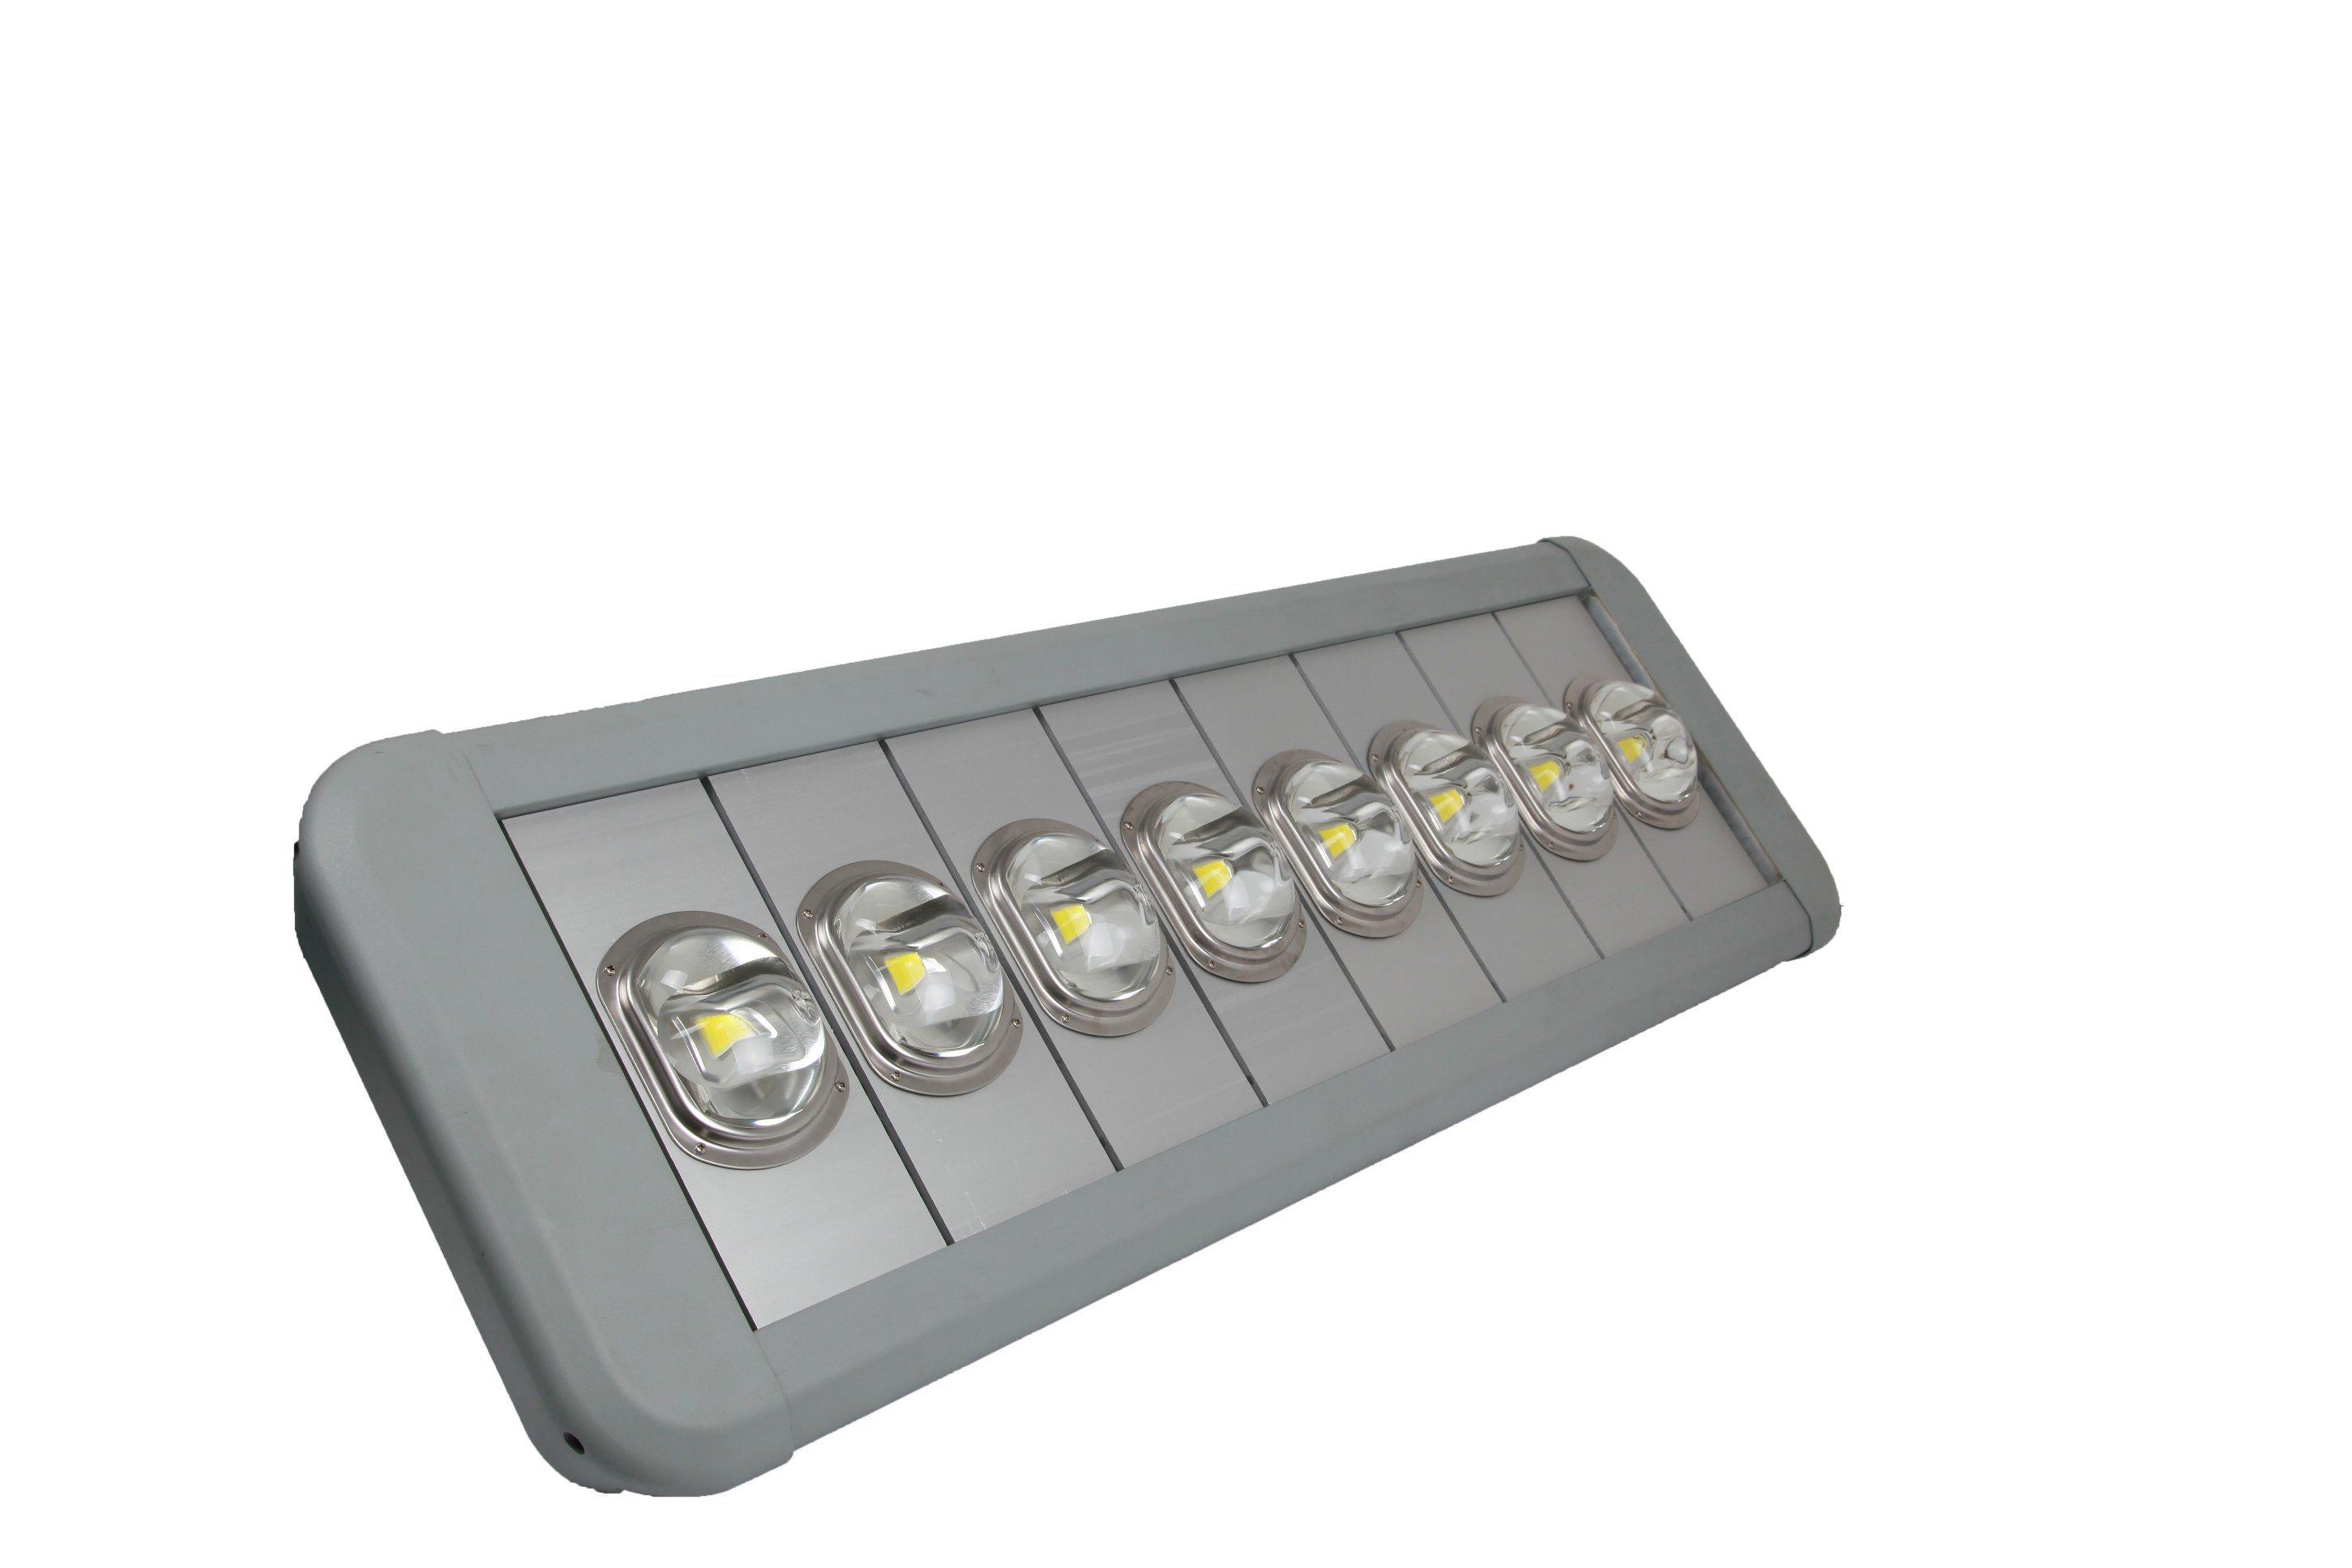 Super High Power High Lumen Outdoor LED Street Light 400W